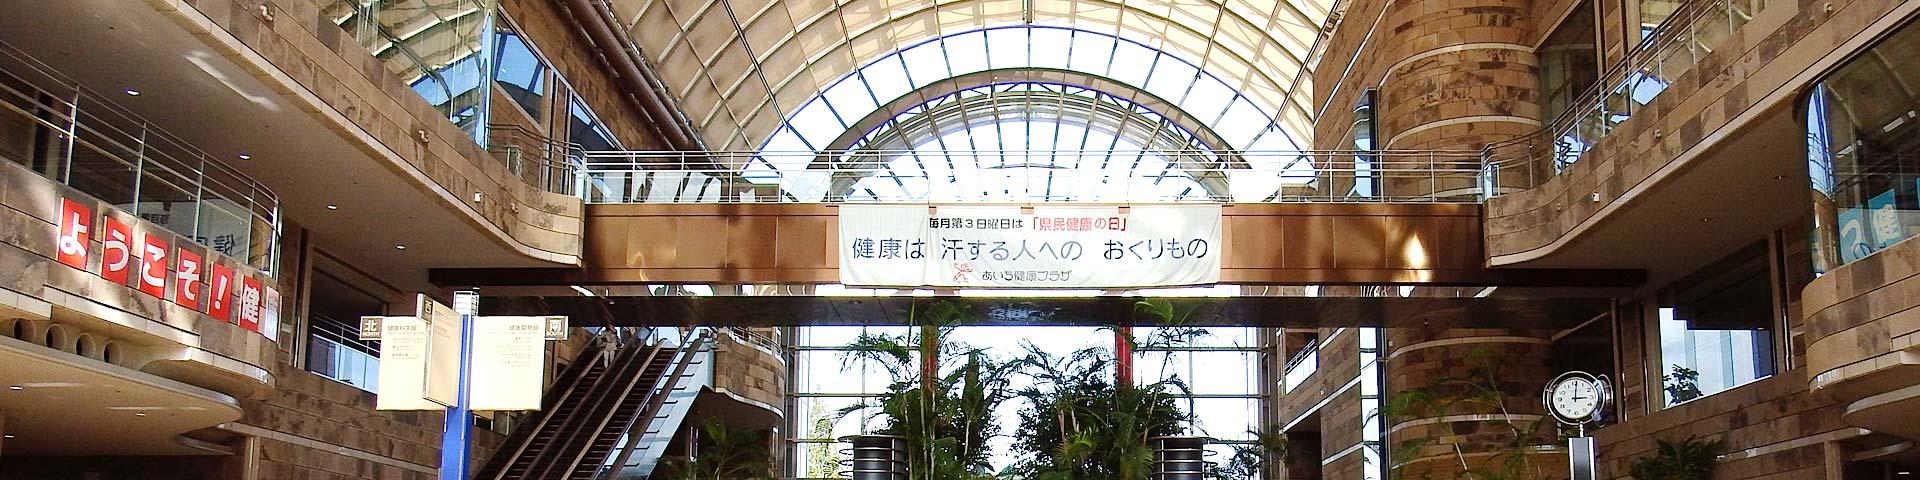 観光・イベント